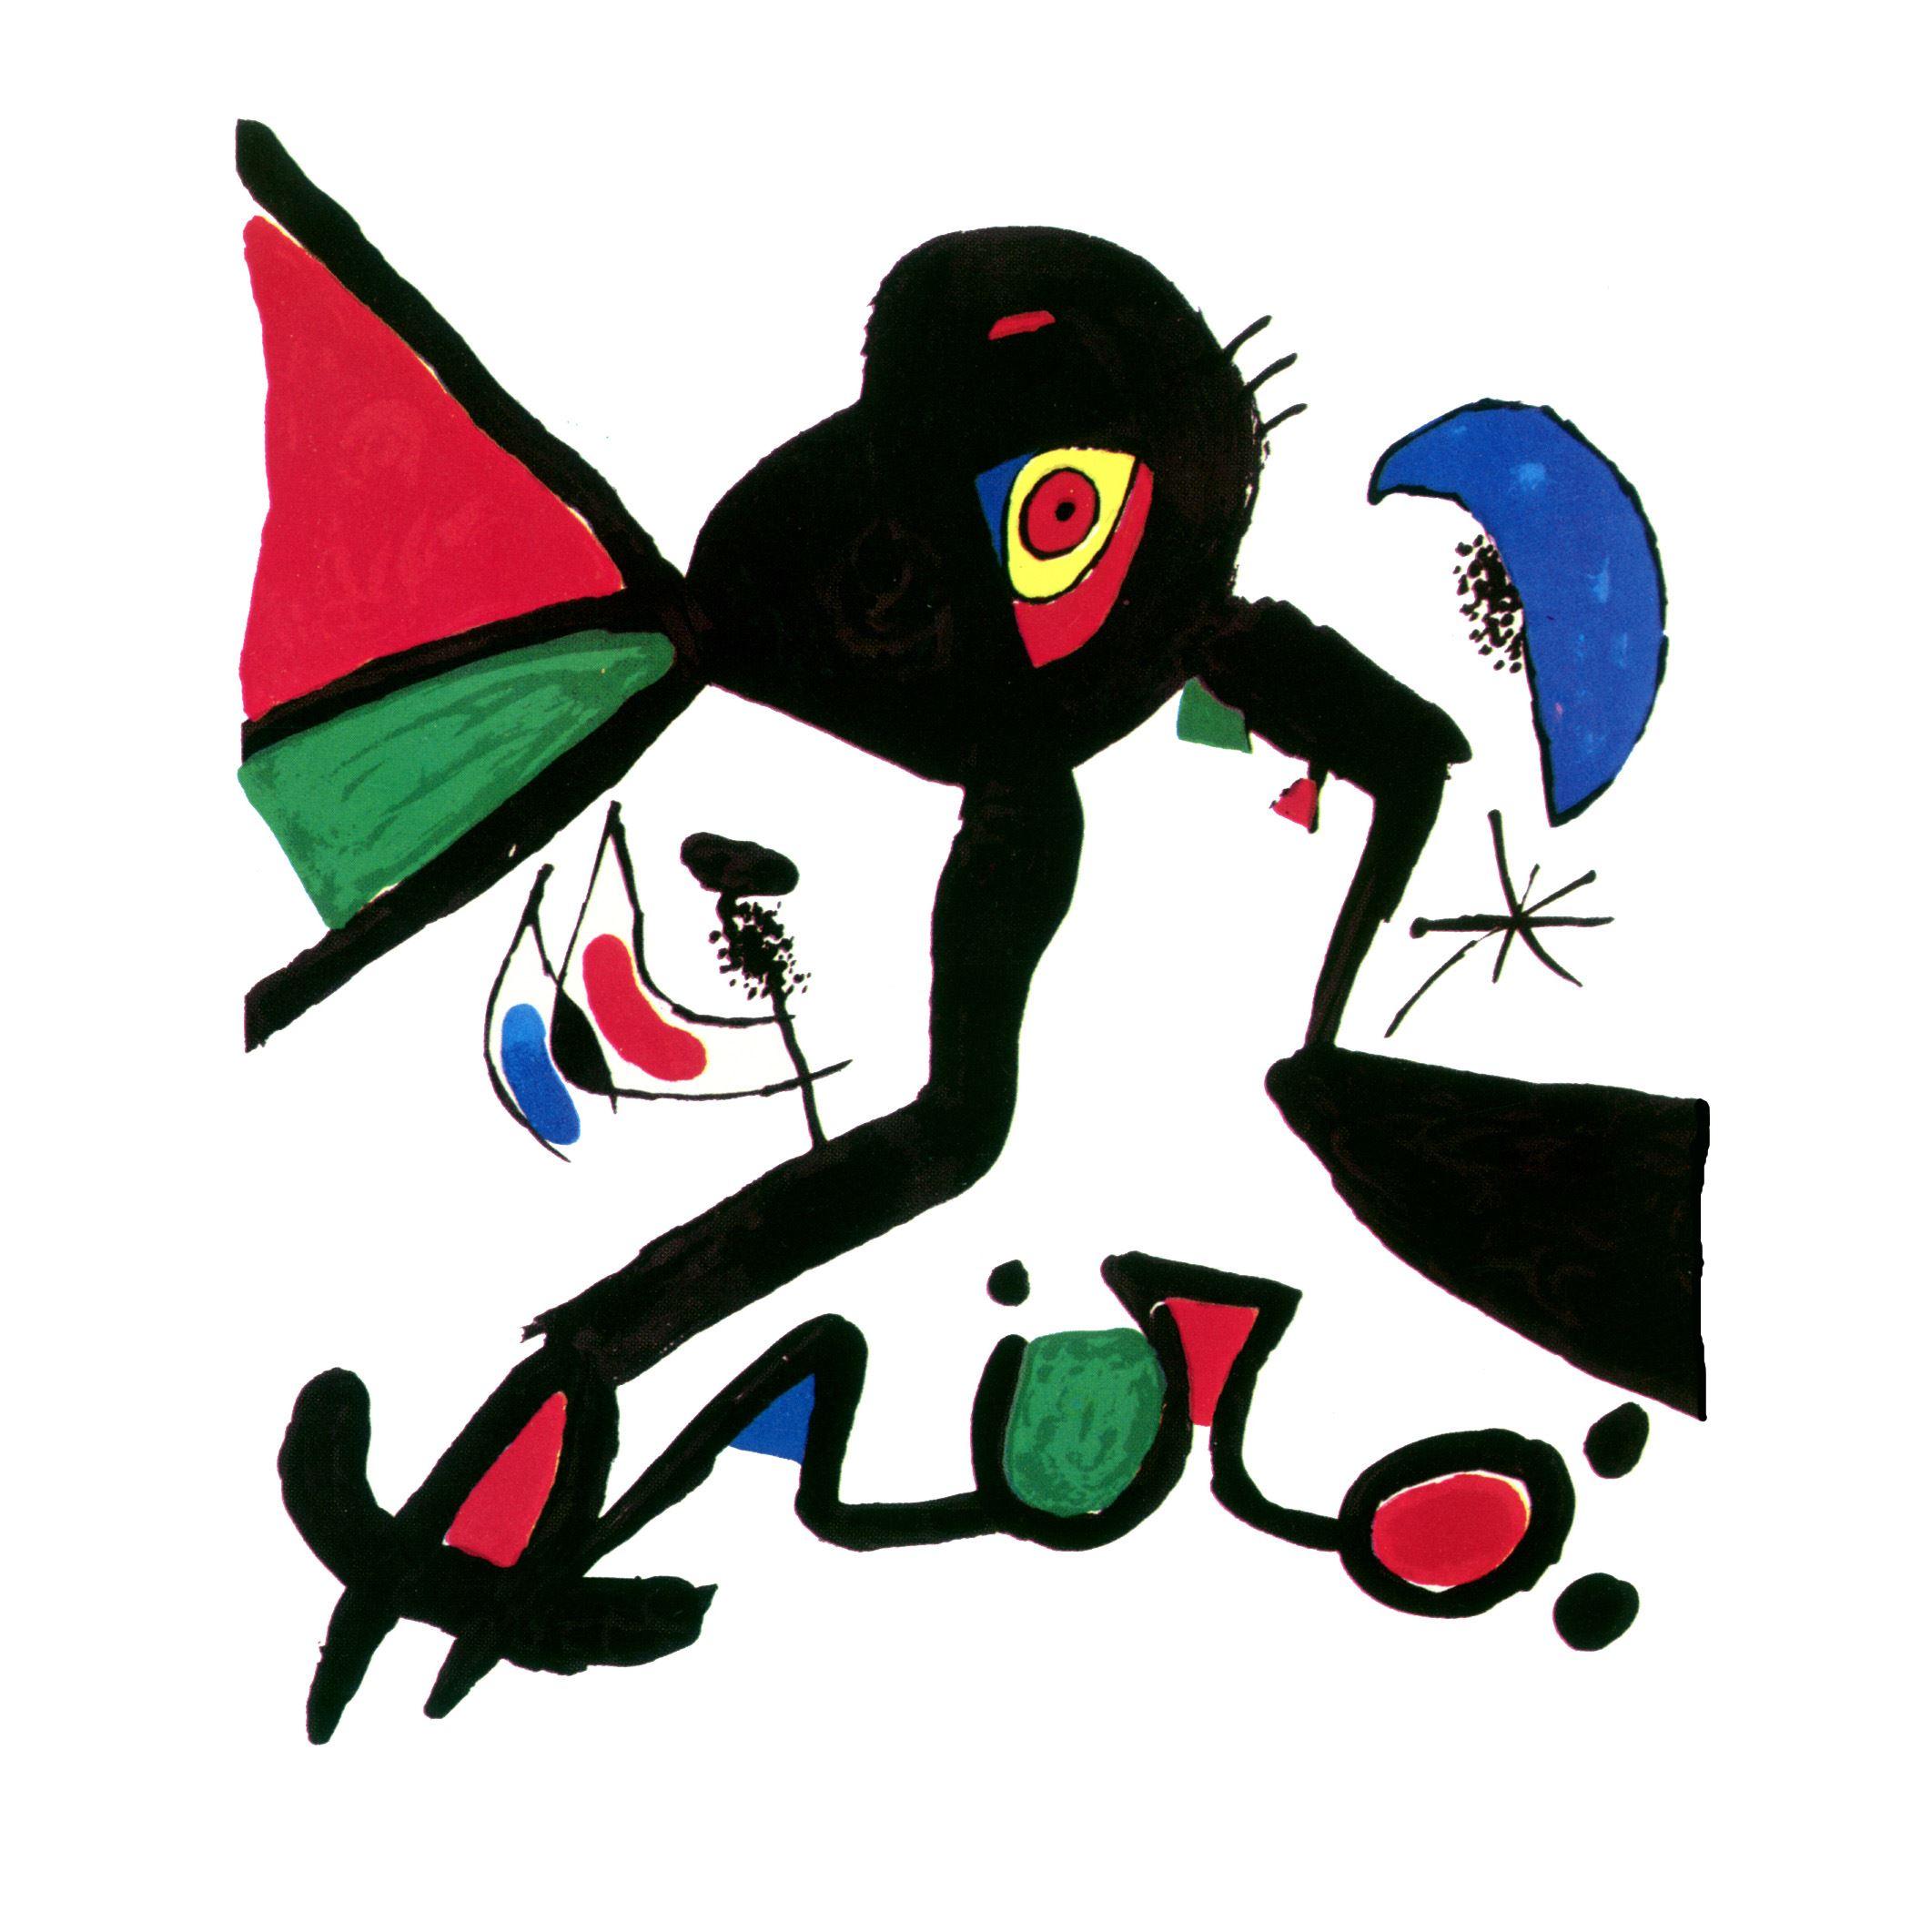 Öppning av Miró-rummet